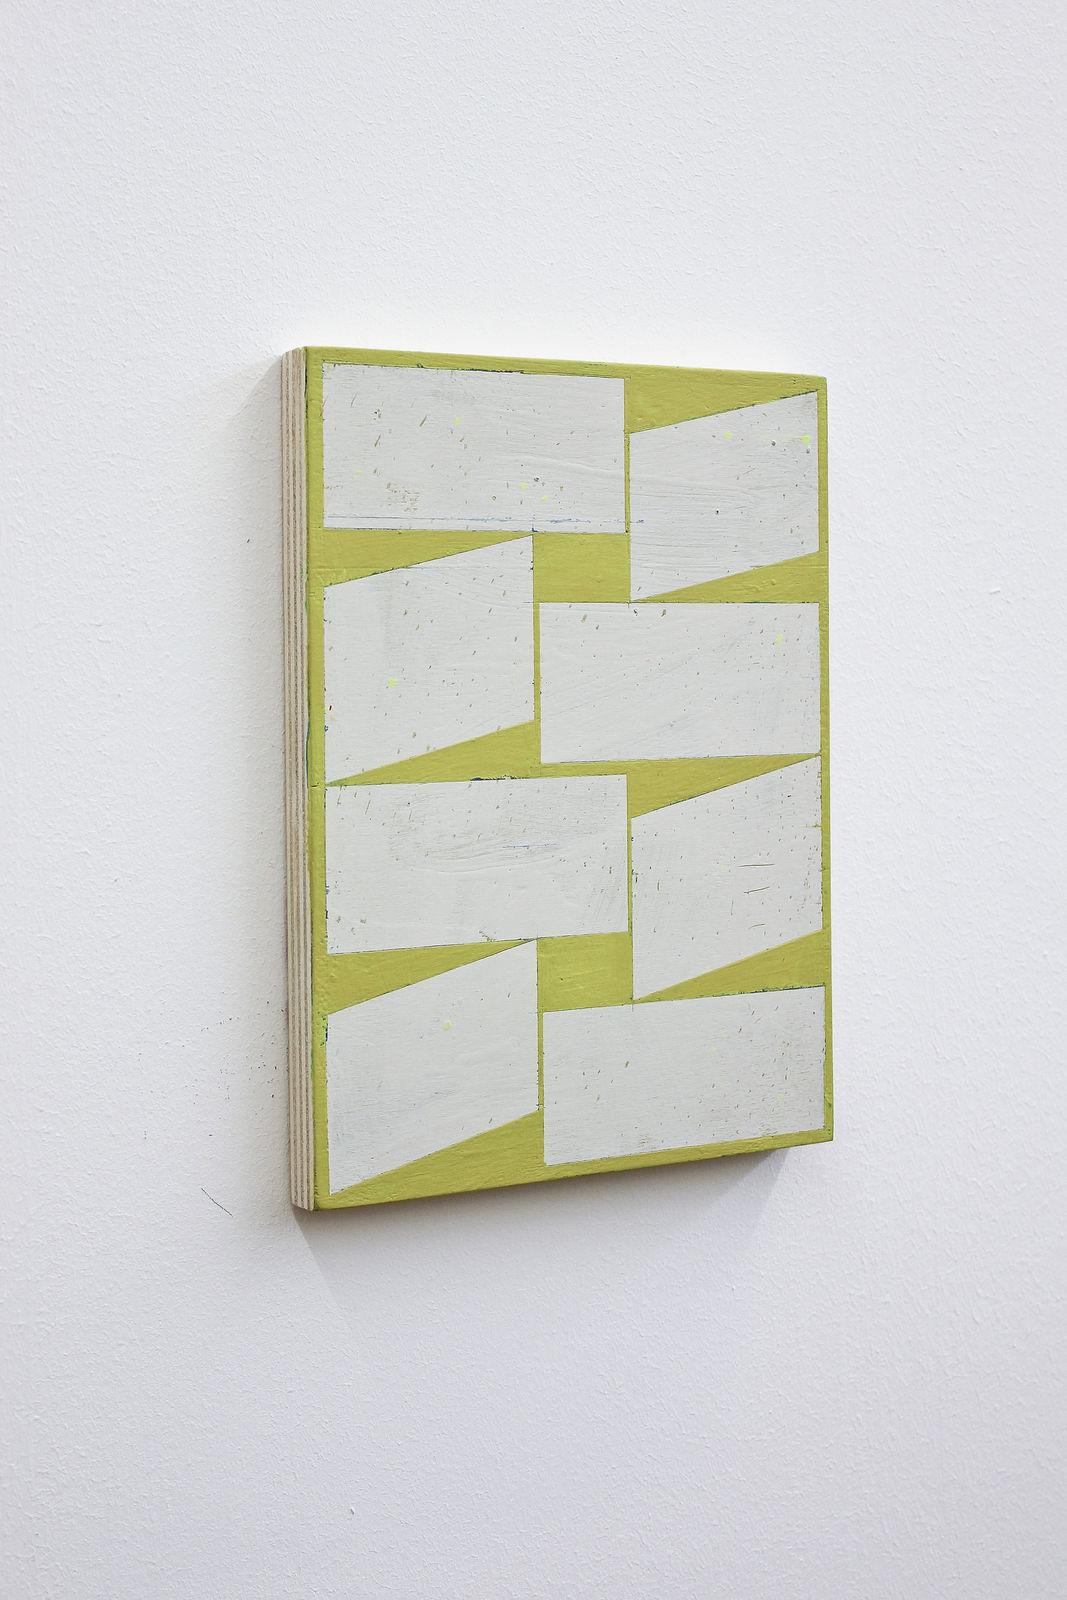 Alain Biltereyst at Van Der Mieden Gallery, Antwerp 01